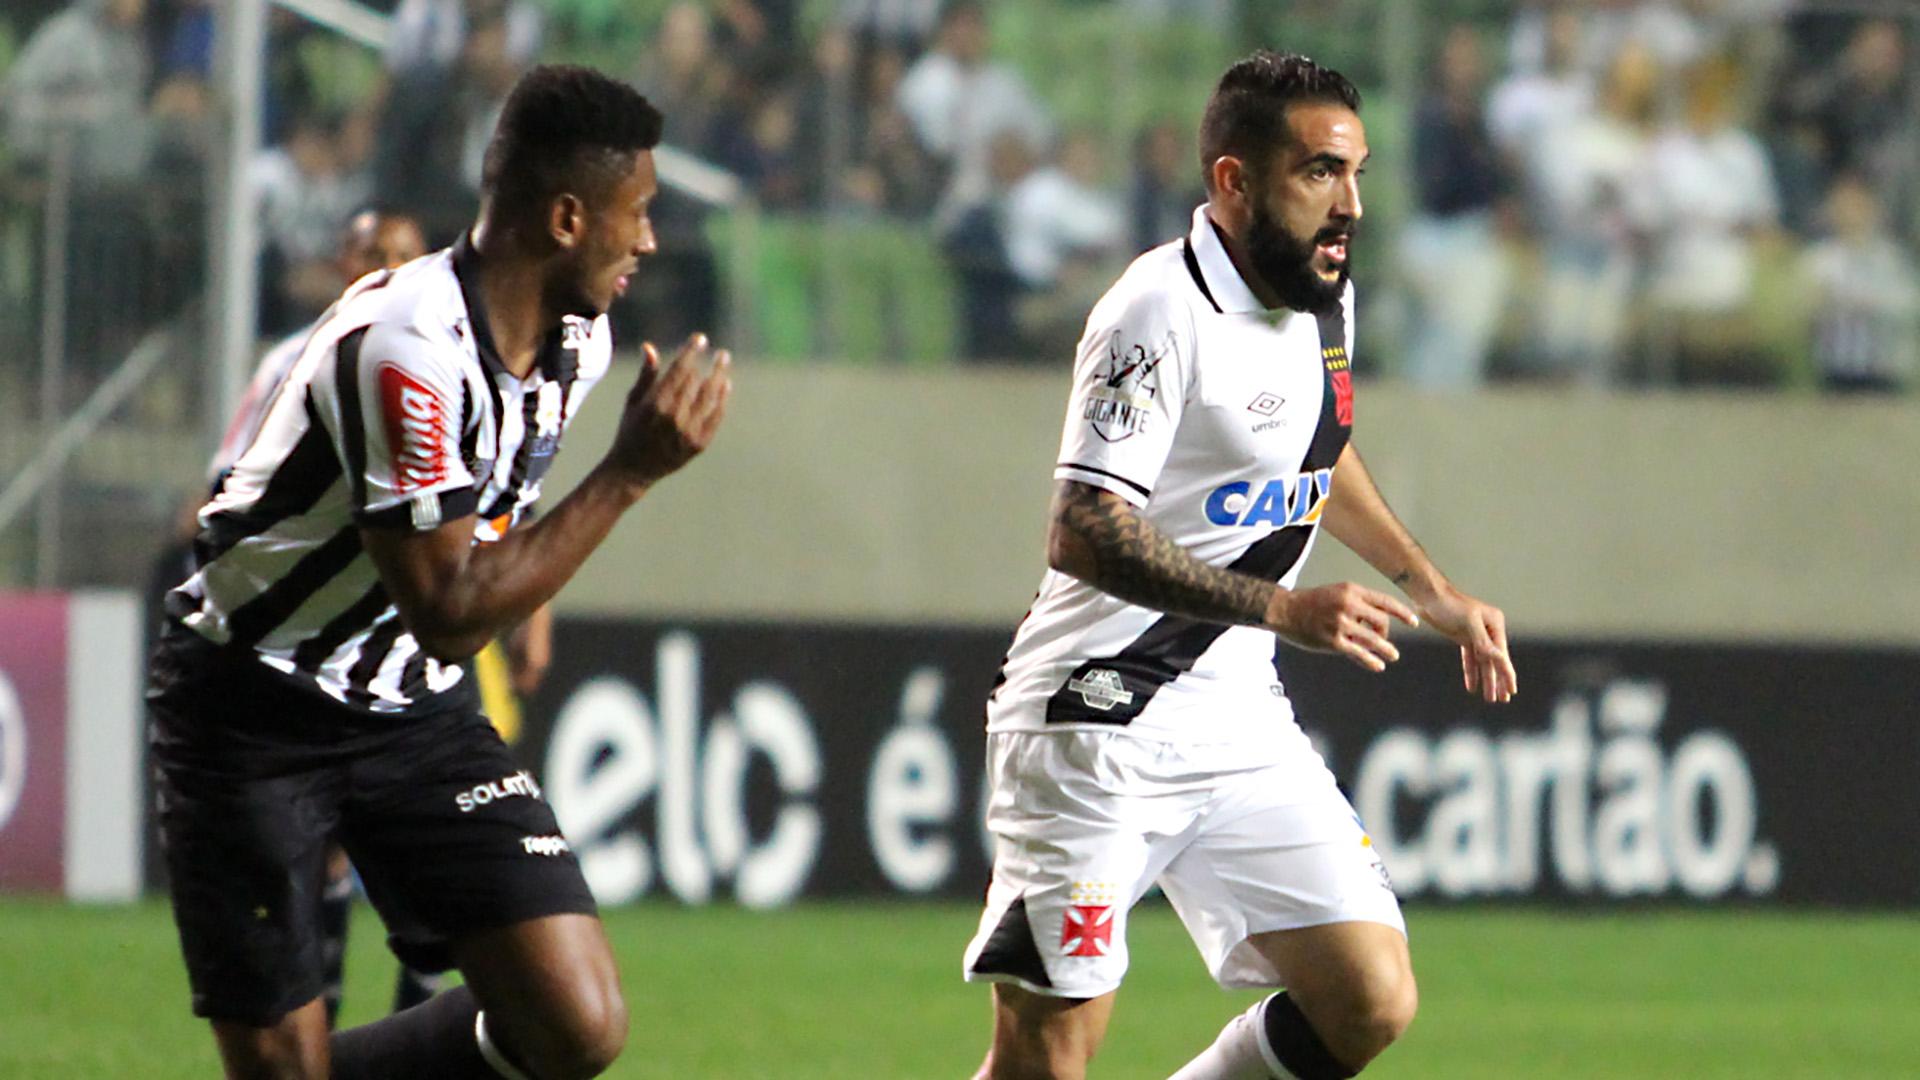 Damian Escudero Atletico-MG Vasco da Gama Brasileirao Serie A 23072017